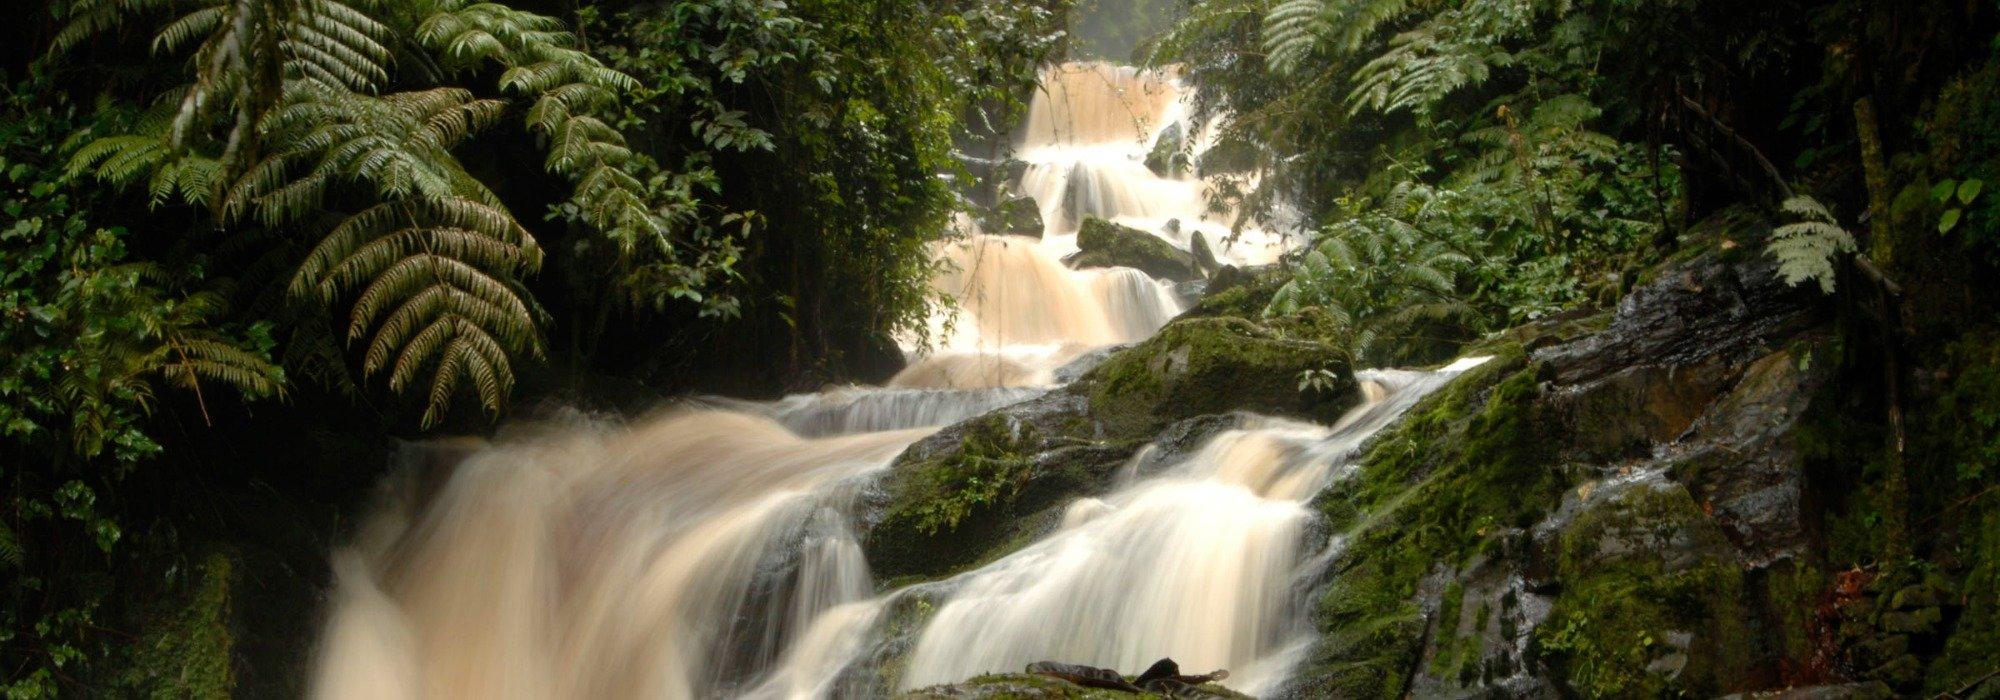 Rwanda falls